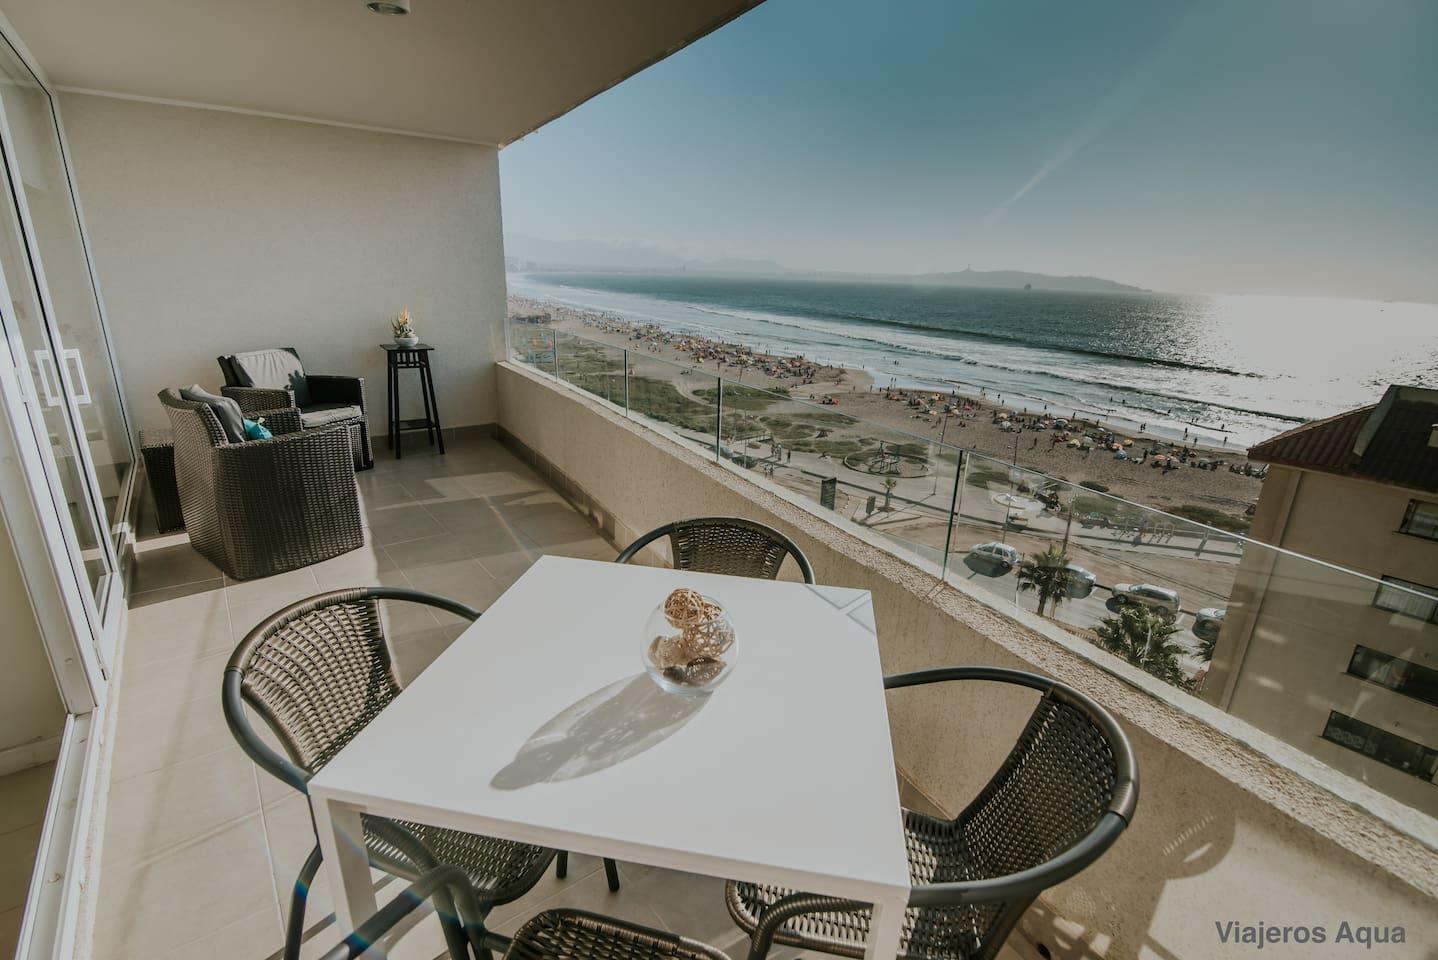 Balcón con vista a la Av. del Mar